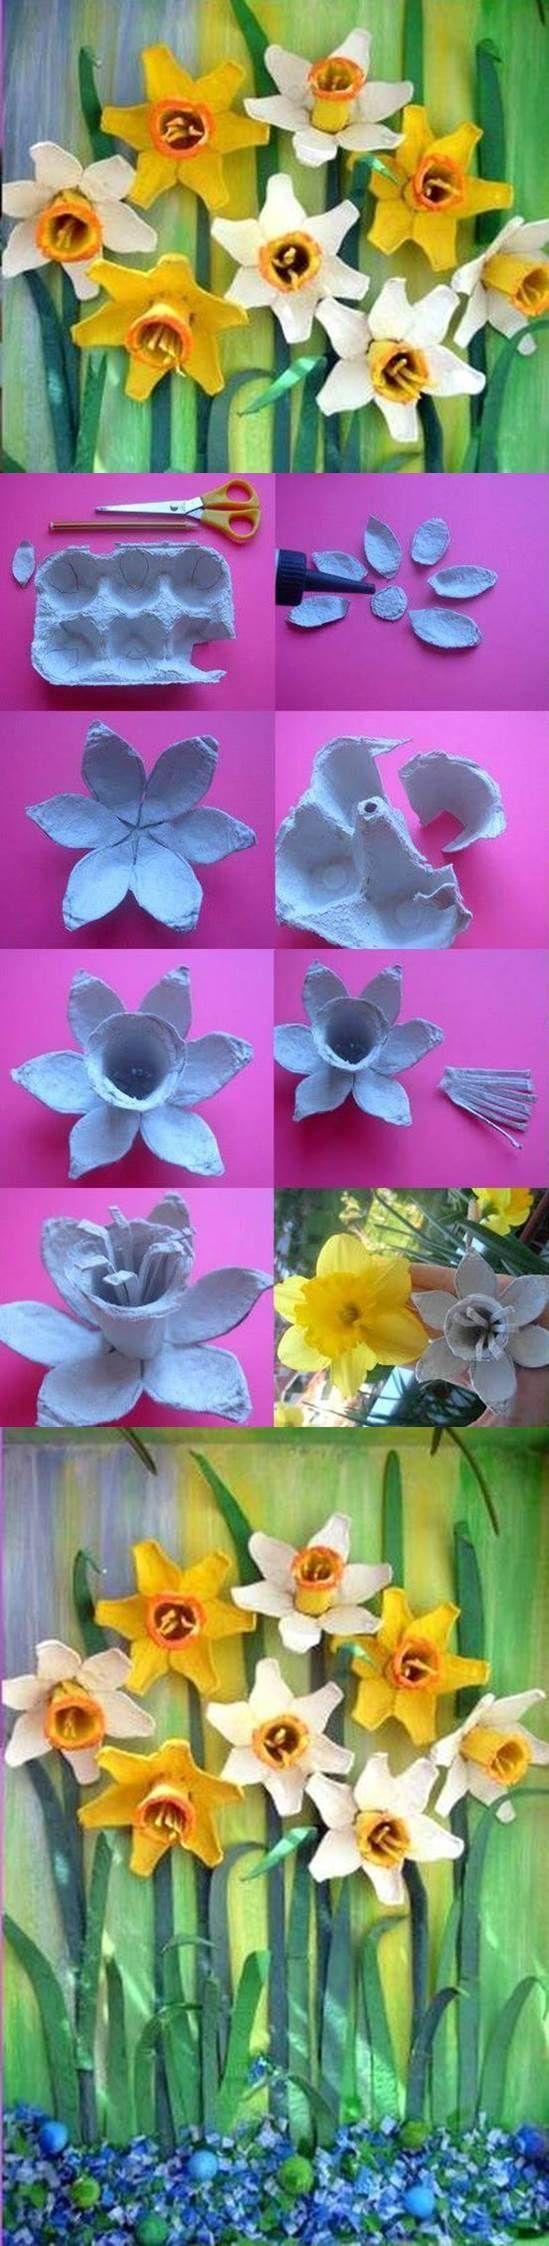 http://rosijofarecon.blogspot.it/2009/03/narcisi-narcisi-narcisi-e-la-chiocciola.html: